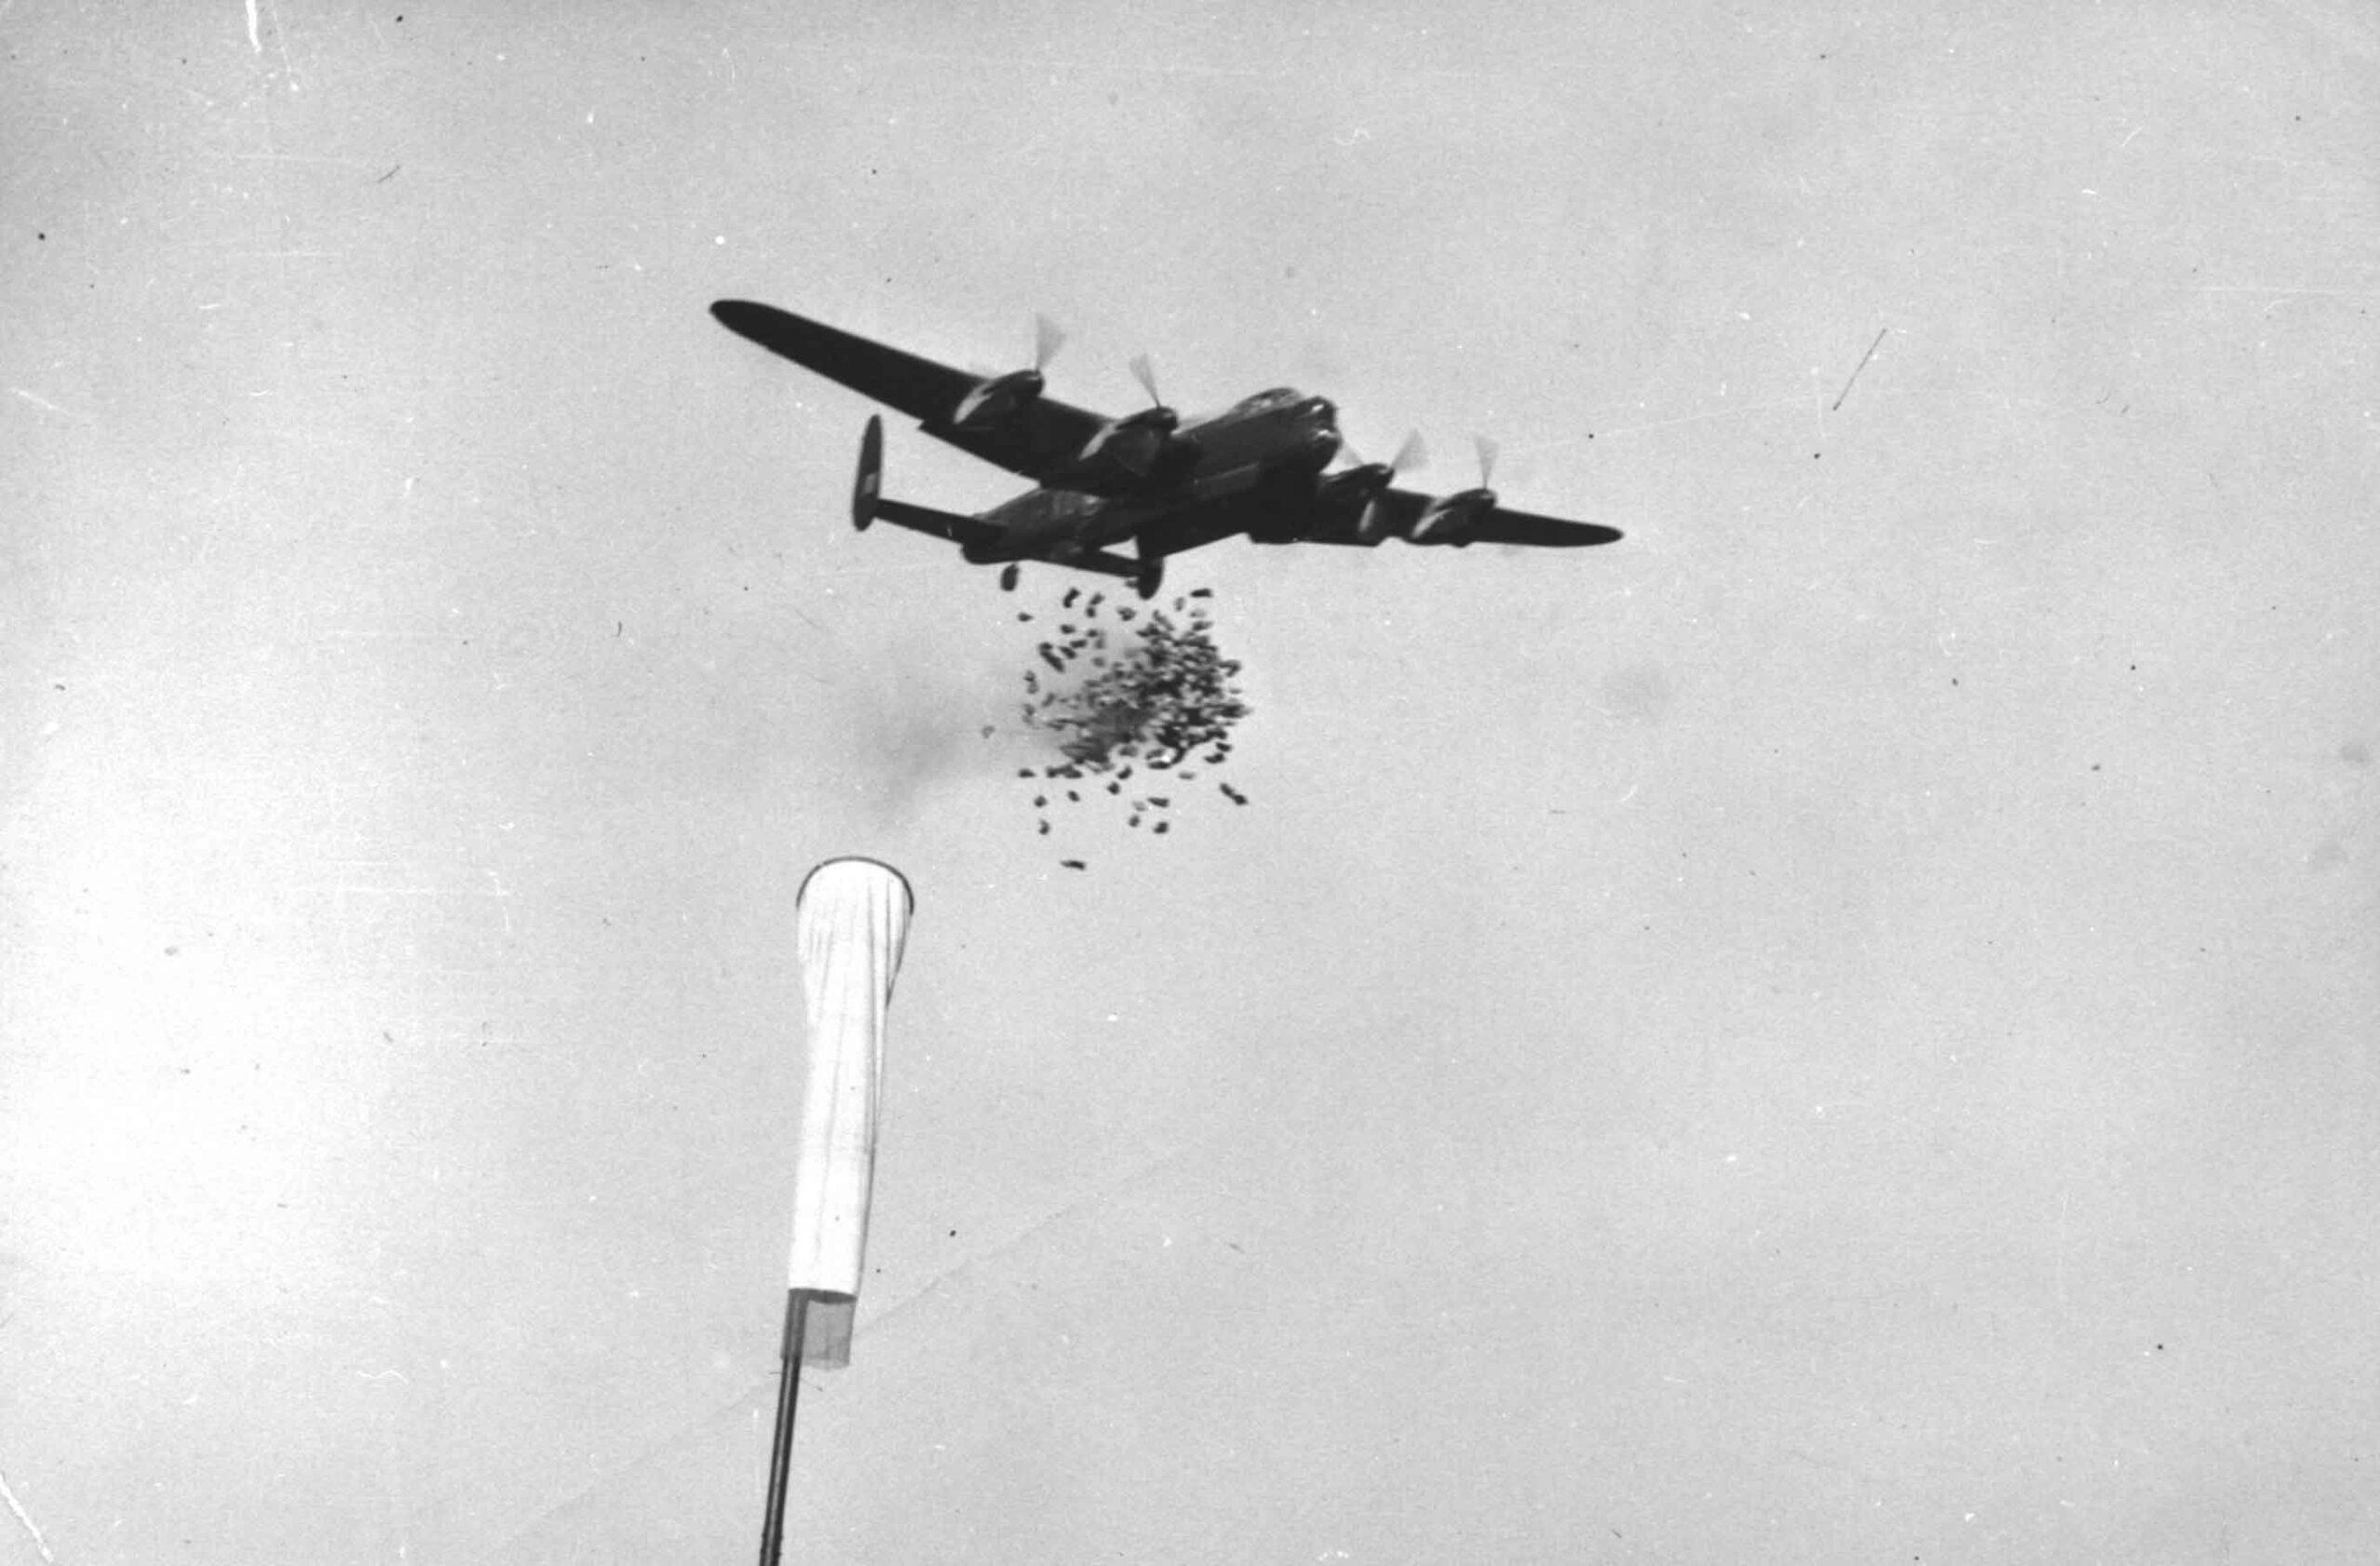 115 Squadron Lancaster doing a practice food drop.